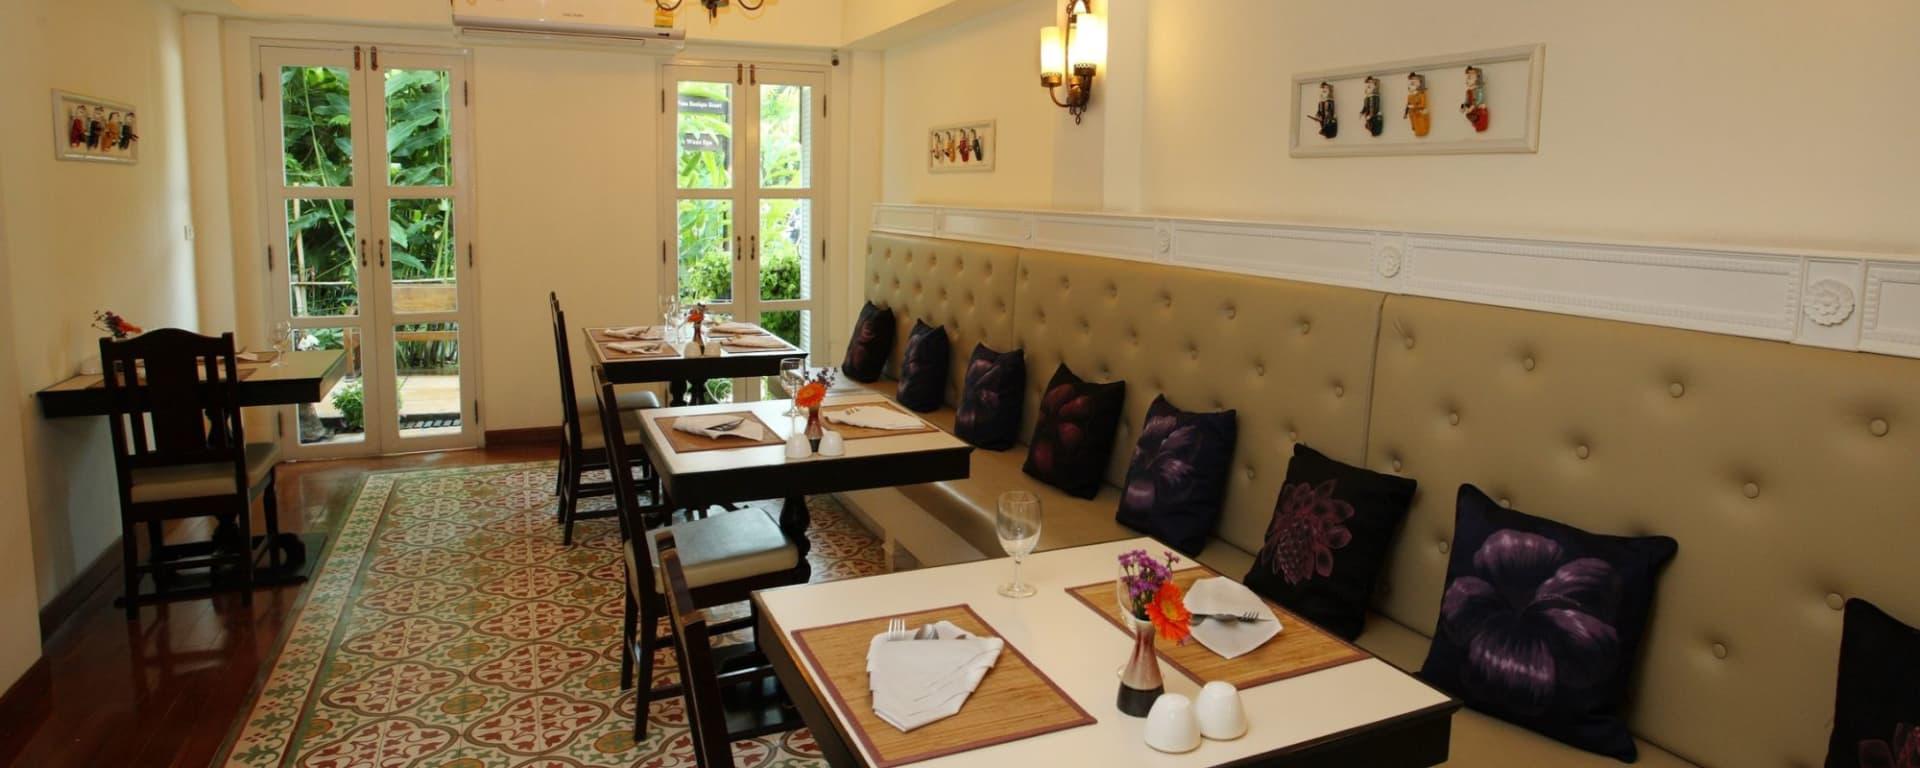 Shewe Wana Suite Resort in Chiang Mai: Restaurant (Dinner)